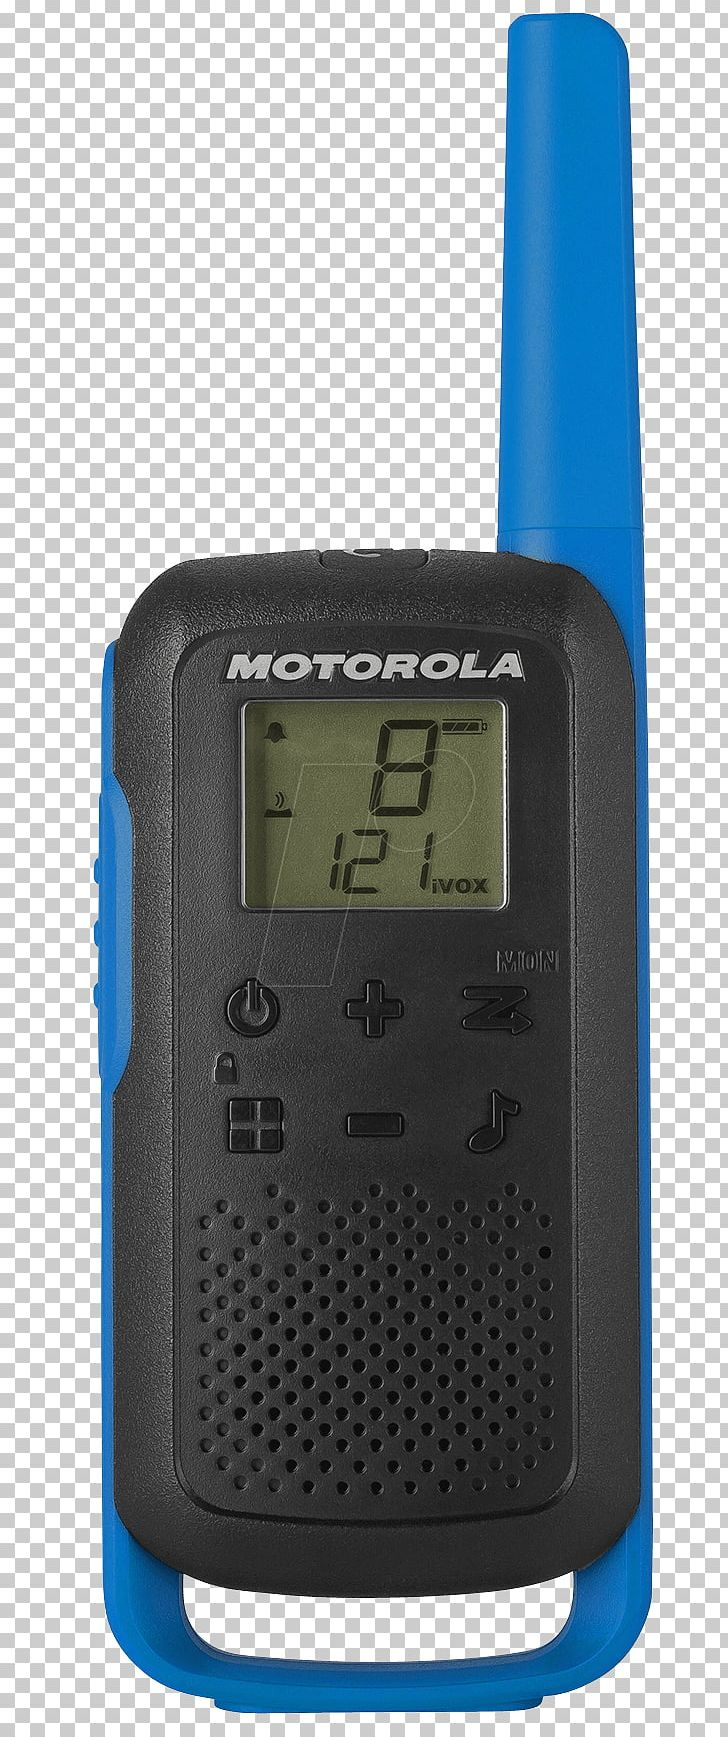 Handheld Two-Way Radios Motorola TALKABOUT T62 Hardware/Electronic PMR446 Motorola TLKR Walkie Talkie PNG, Clipart, Communication Device, Electronic Device, Electronics, Hardware, Motorola Free PNG Download